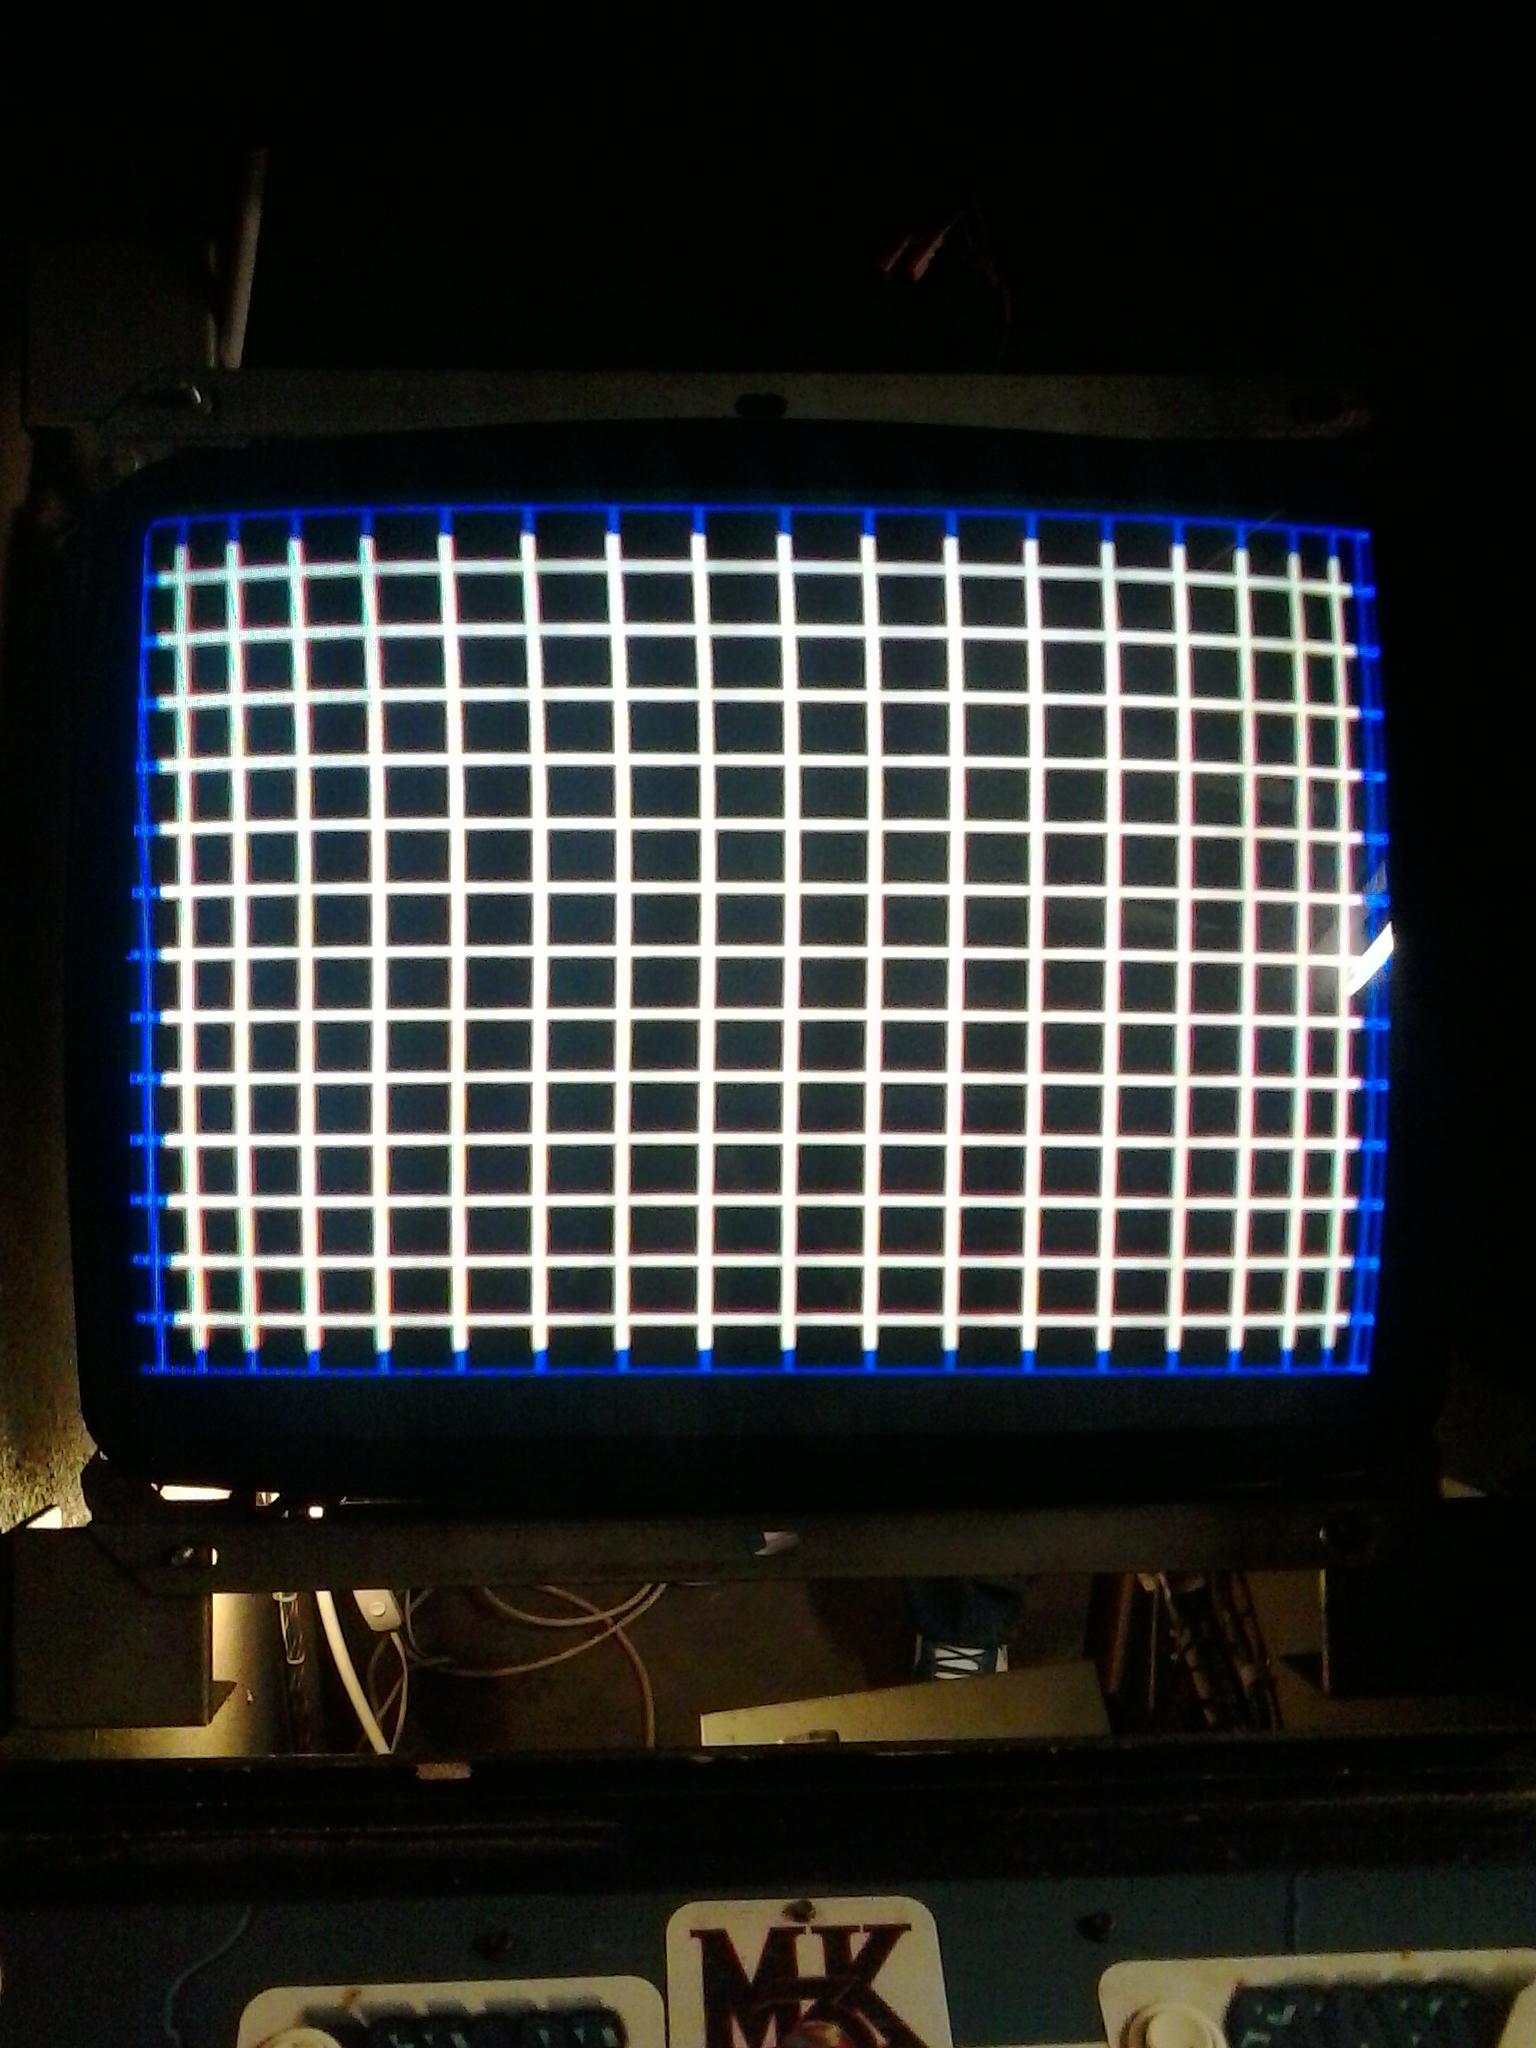 Borne dédiée MK3 Ultimate: problème d'écran 676212ecranmk3